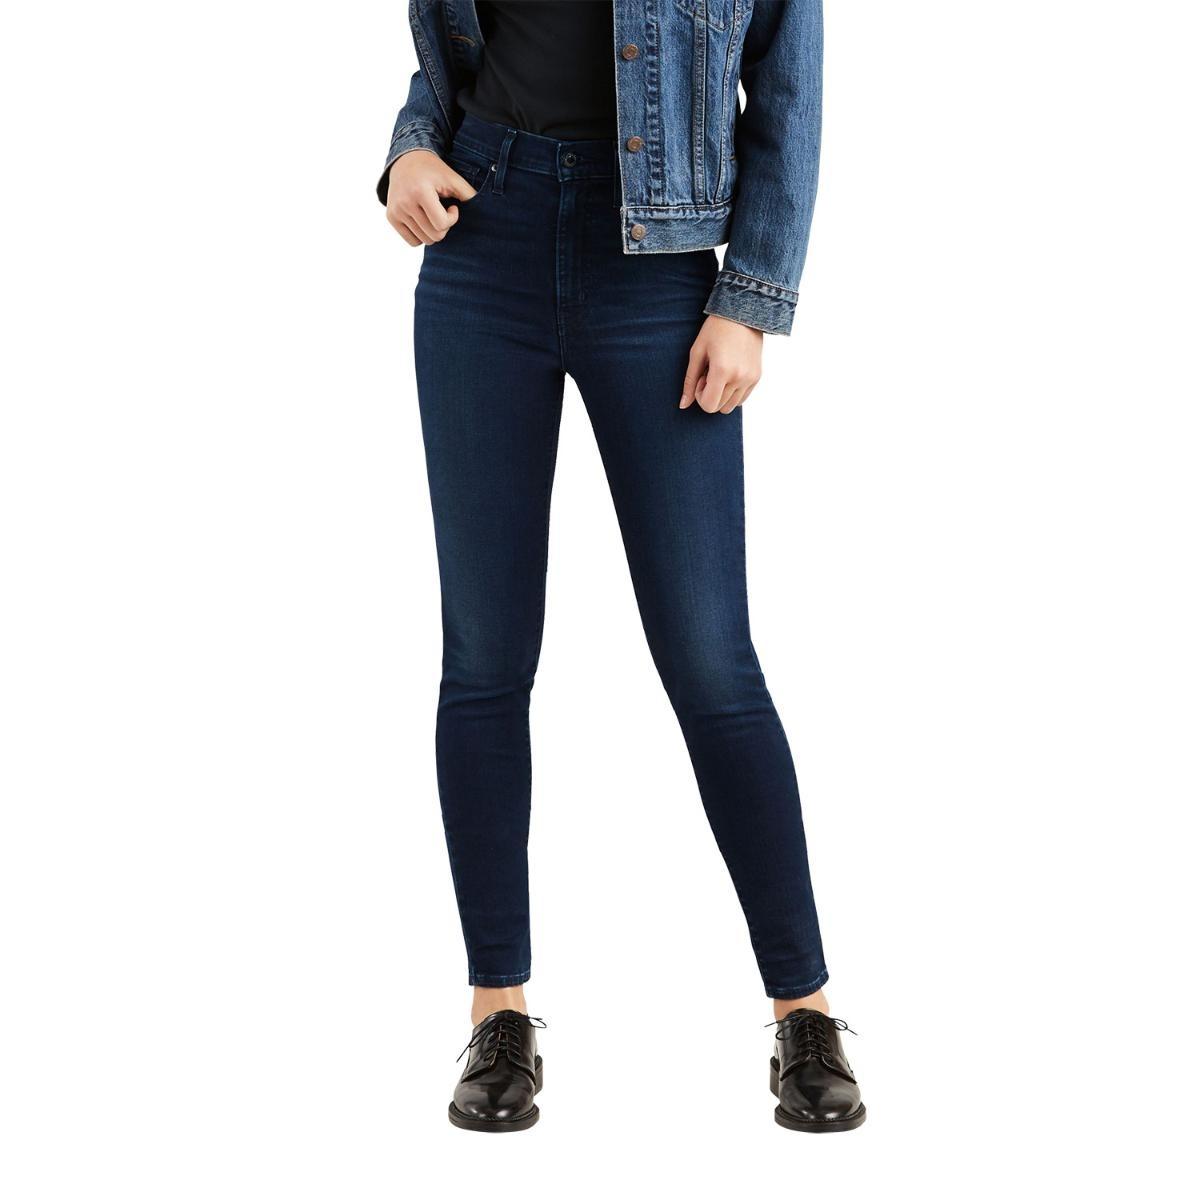 calça jeans levis feminino mile high super skinny escuro. Carregando zoom. f703a8755e5